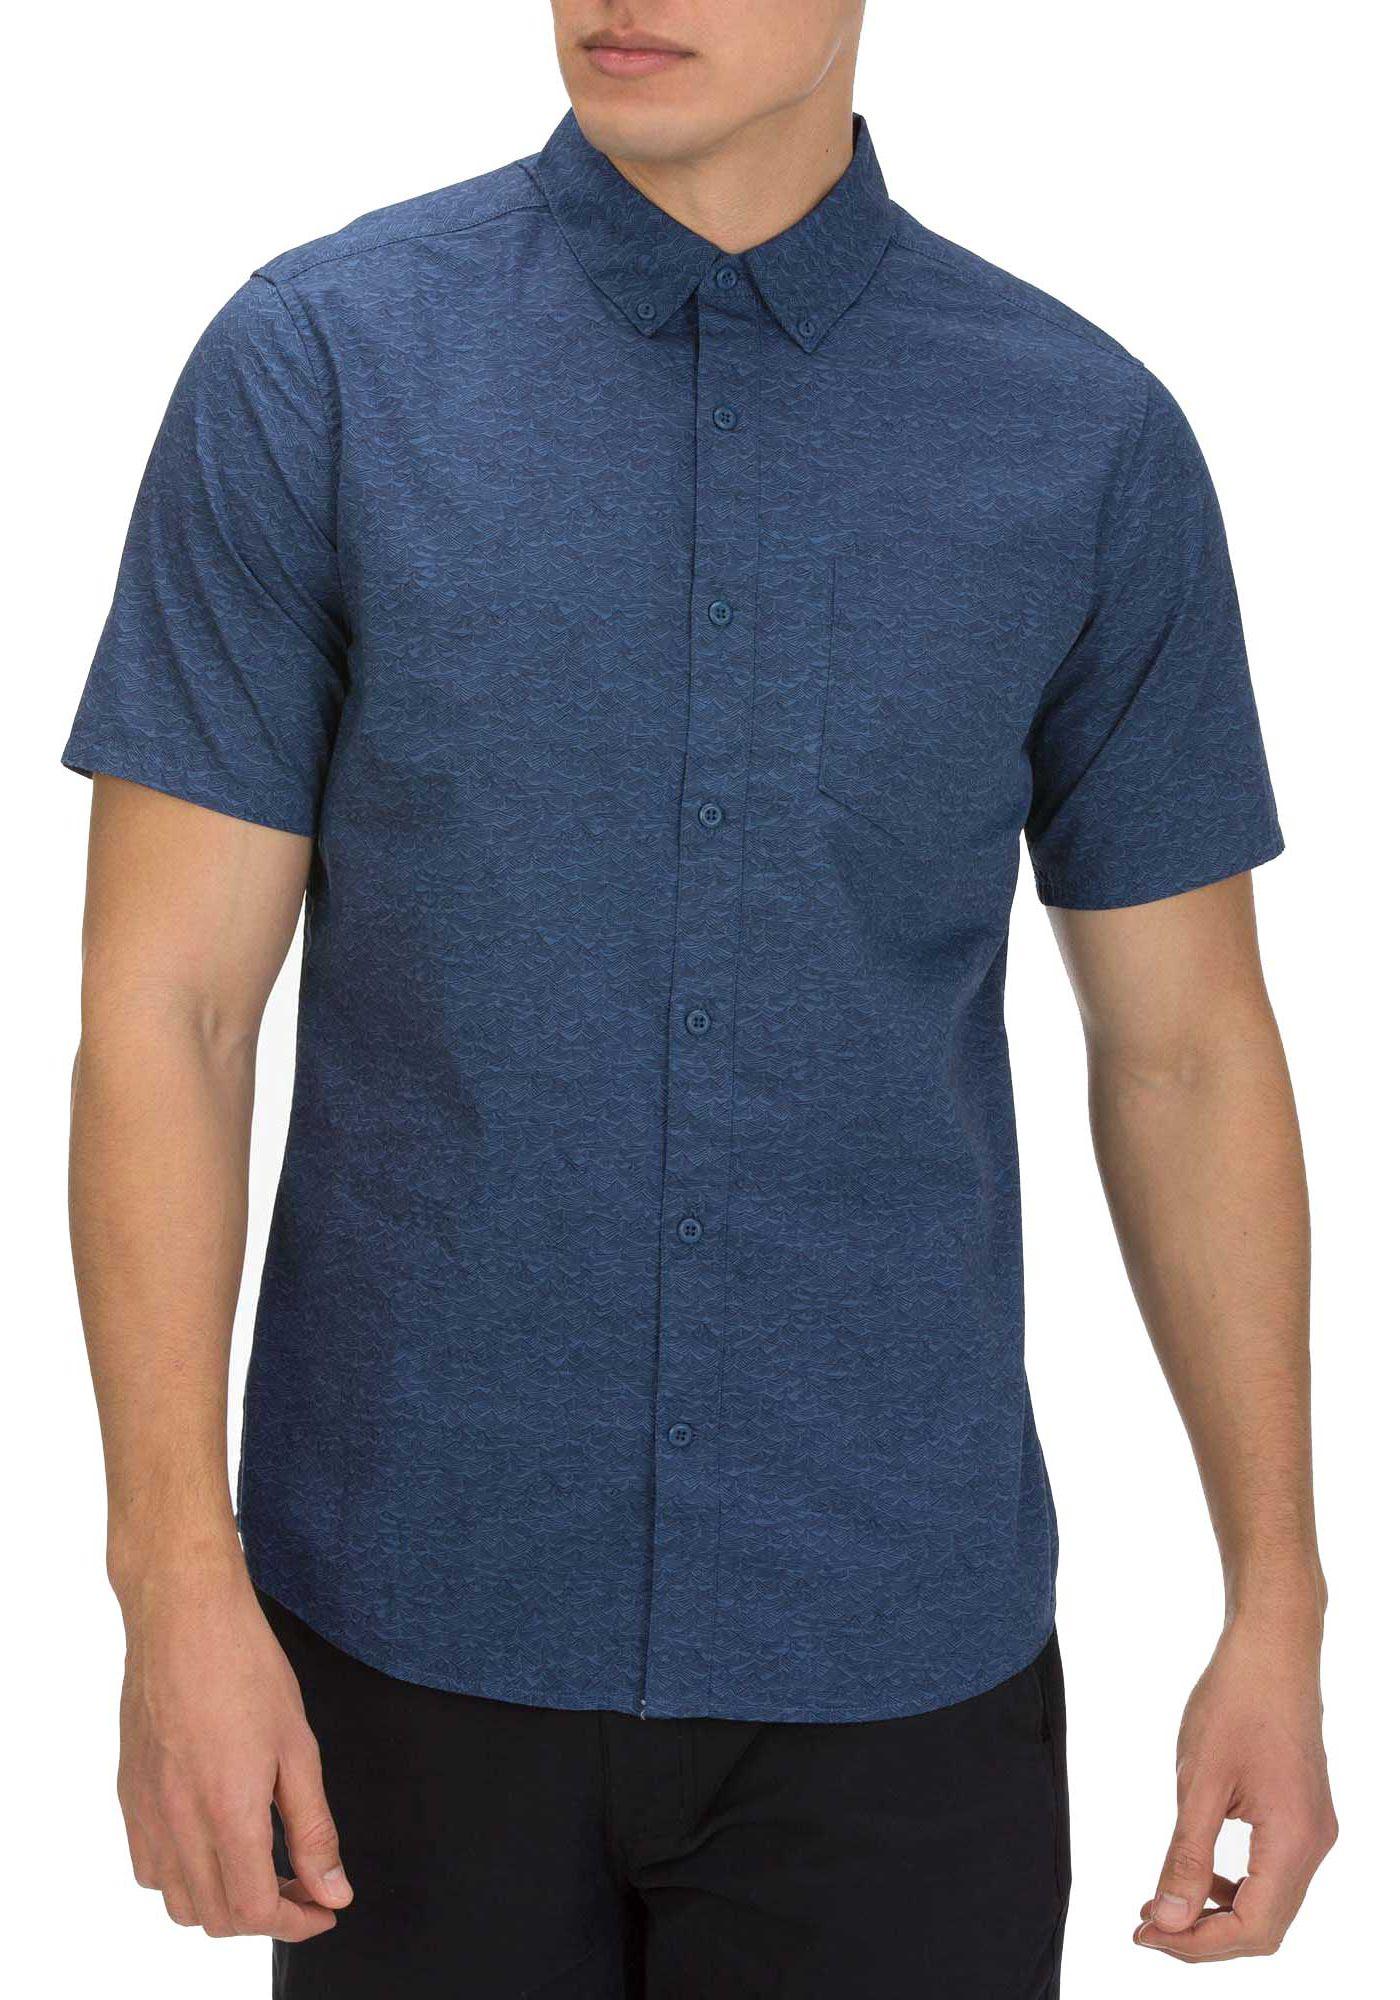 Hurley Men's Sleepy Hollow Short Sleeve Woven Button Up Shirt